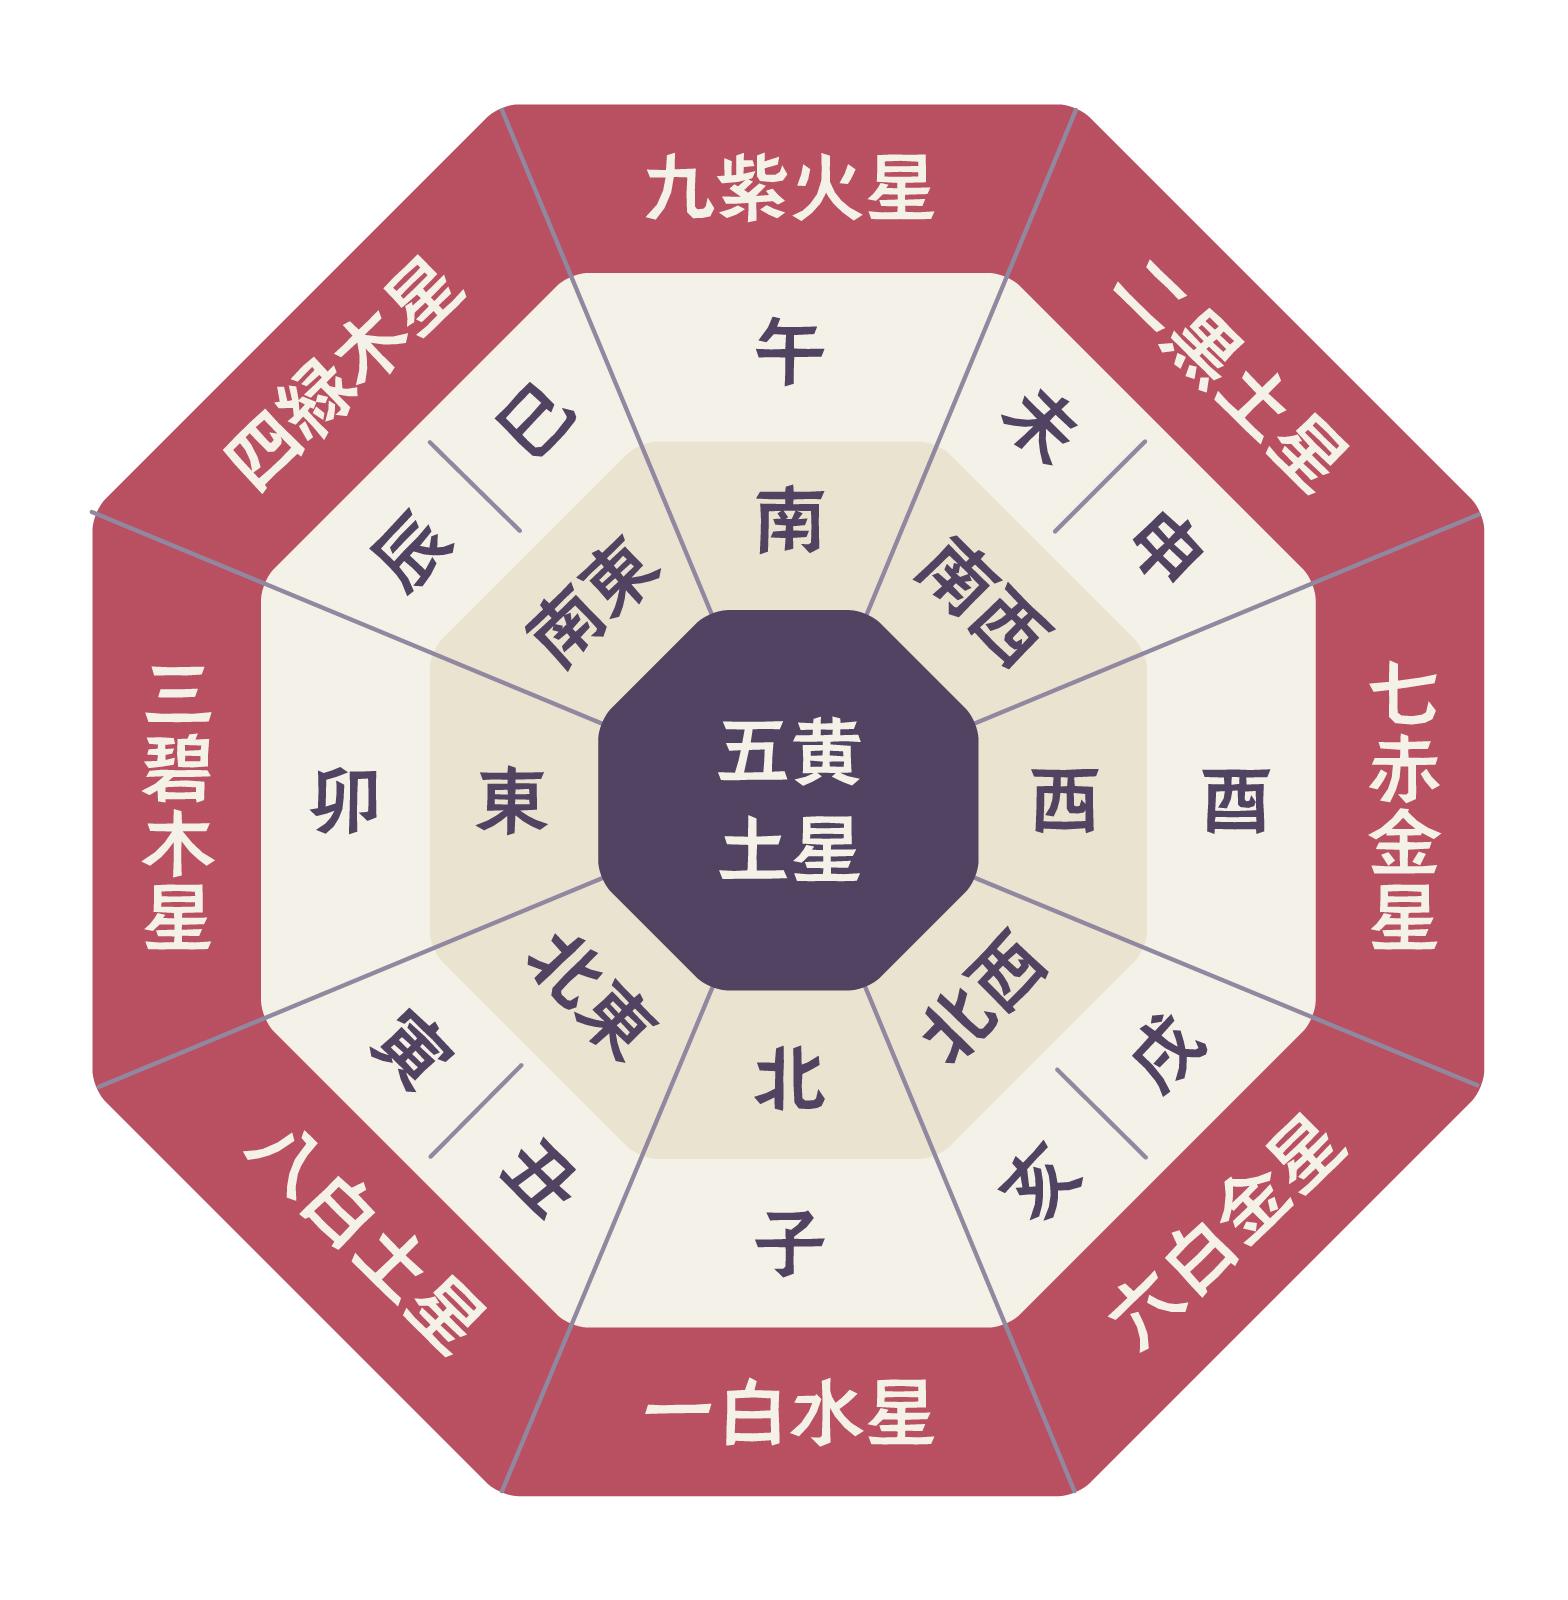 【九星気学】五黄殺と暗剣殺(悪殺気)の意味 避けたい二大凶方位